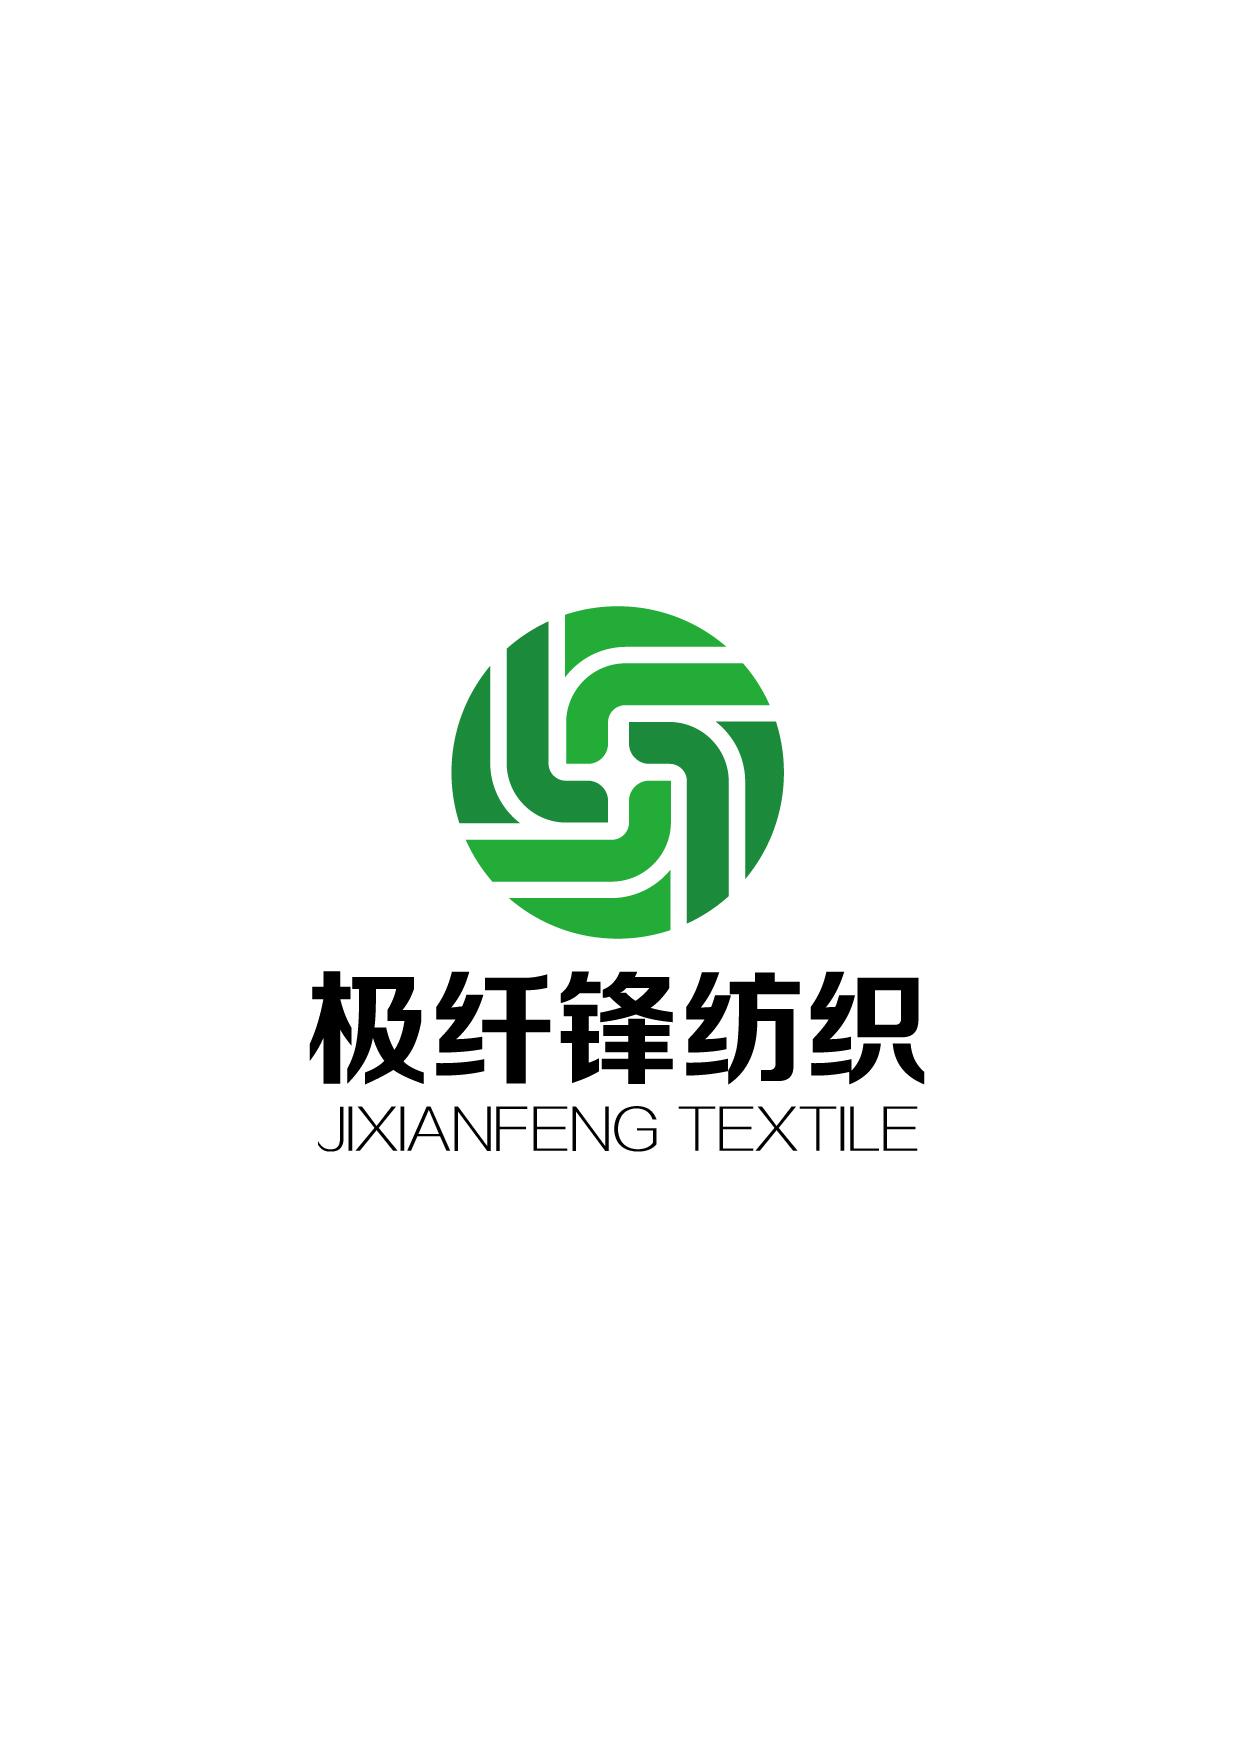 """logo由字母""""jf""""组成,标识似中国传统的""""卐""""字符,表示极致,也表达了极"""